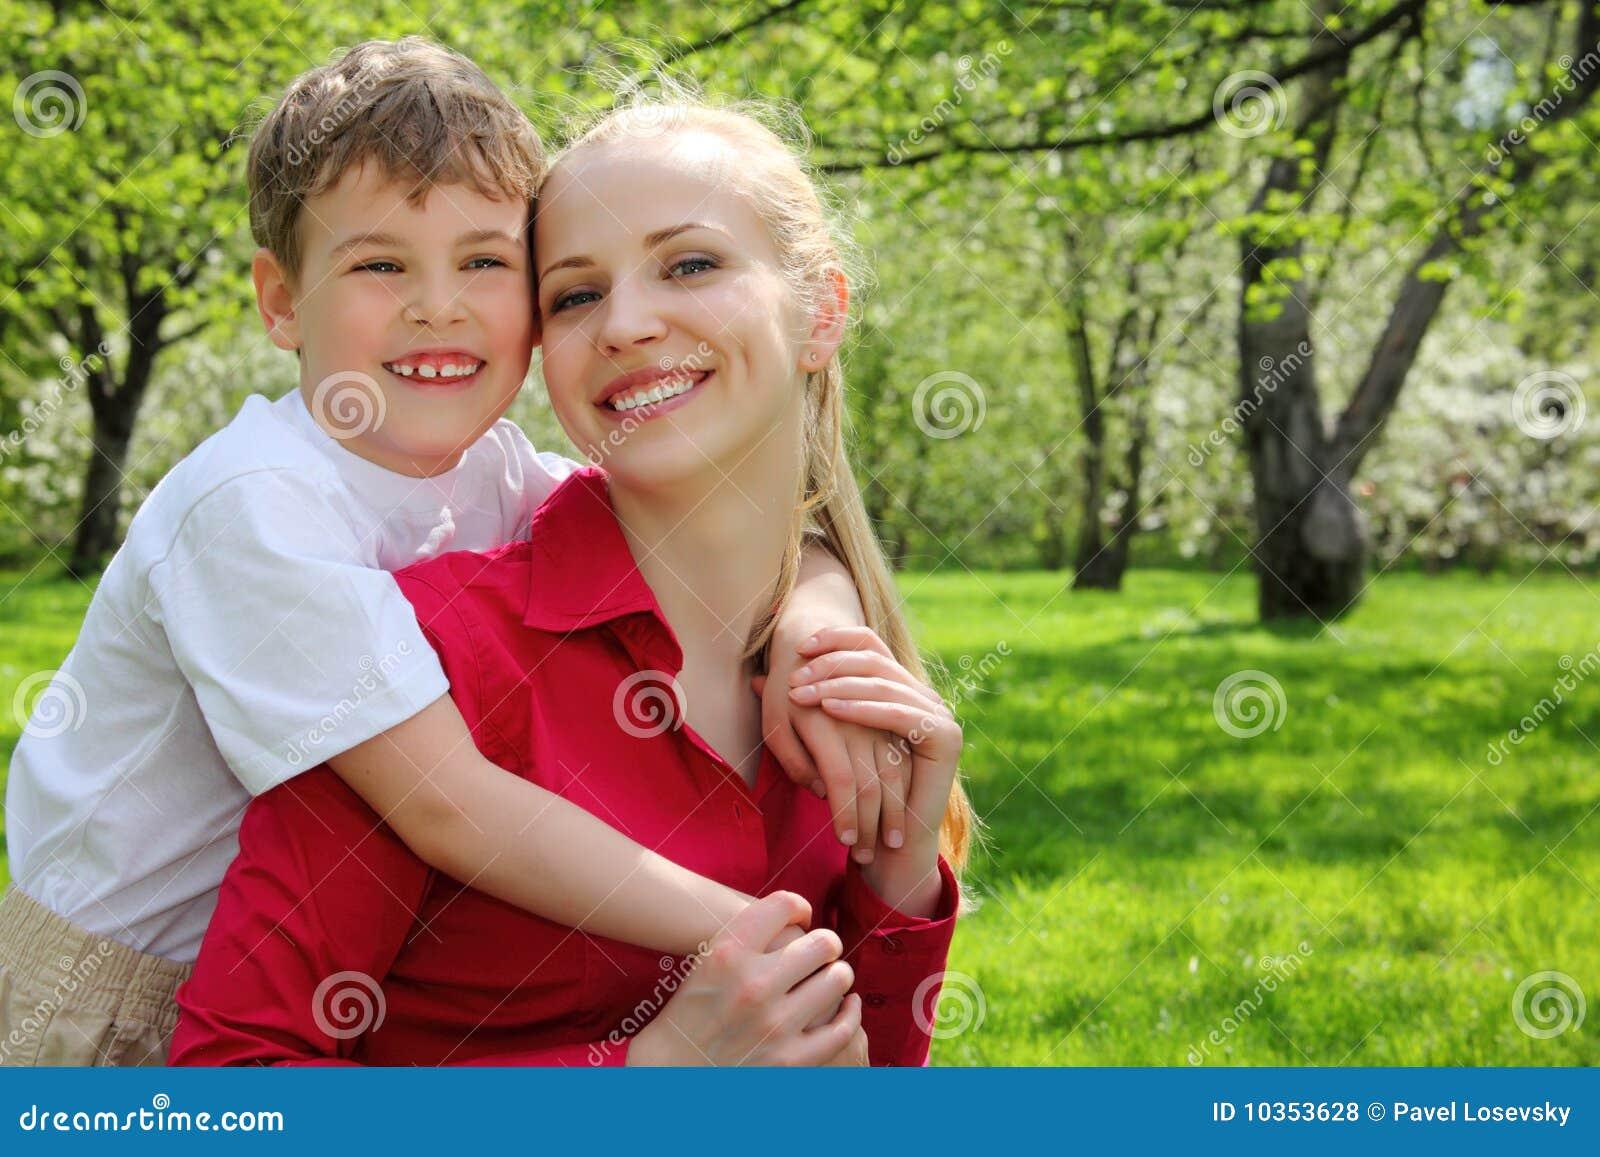 Сын смотрит как маму 23 фотография